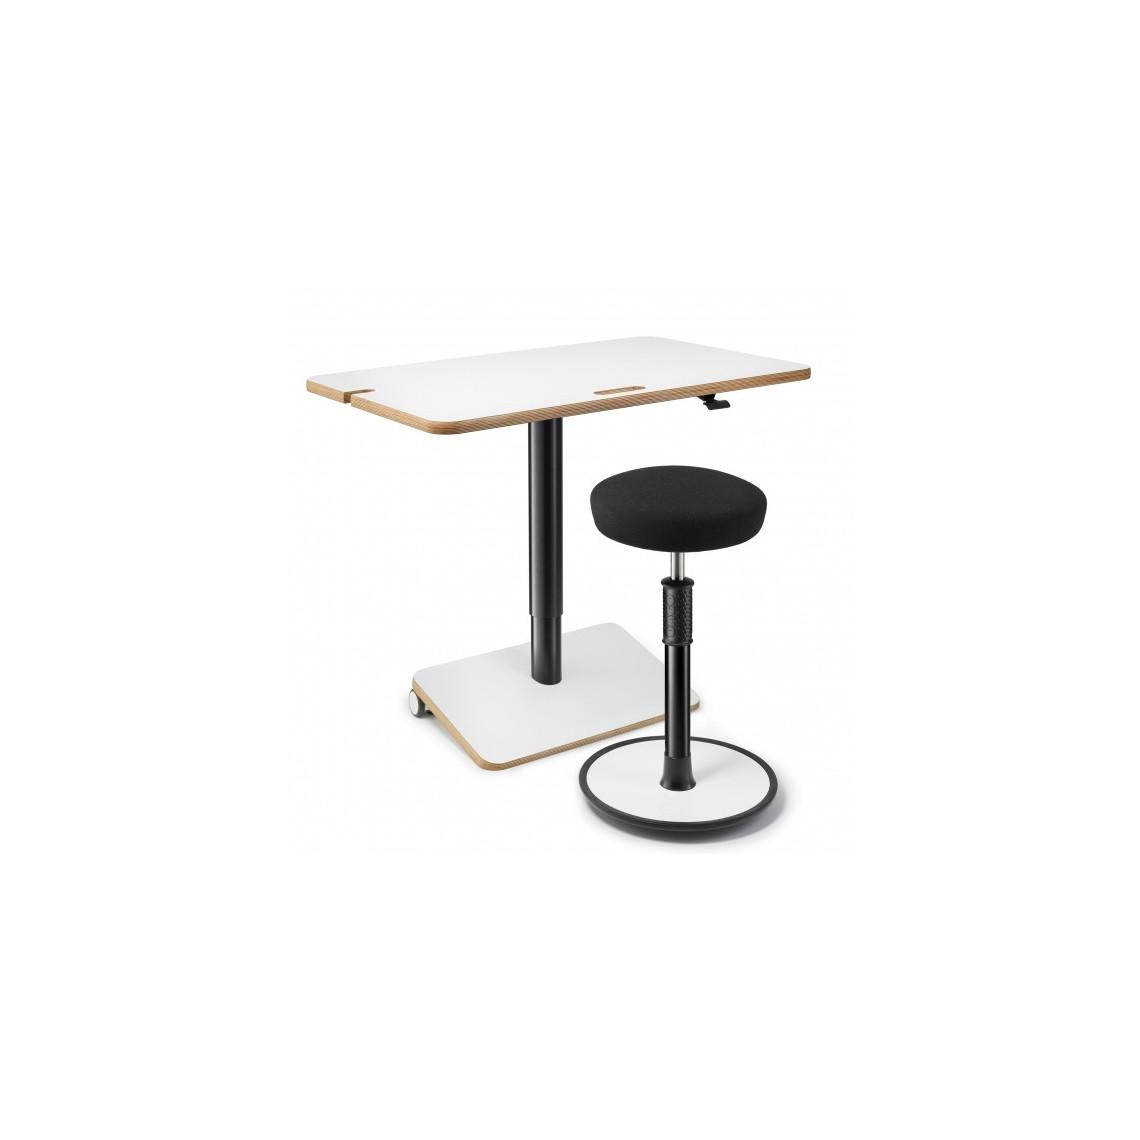 Paket - ONGO®Spark bord +  Ongo balanspall